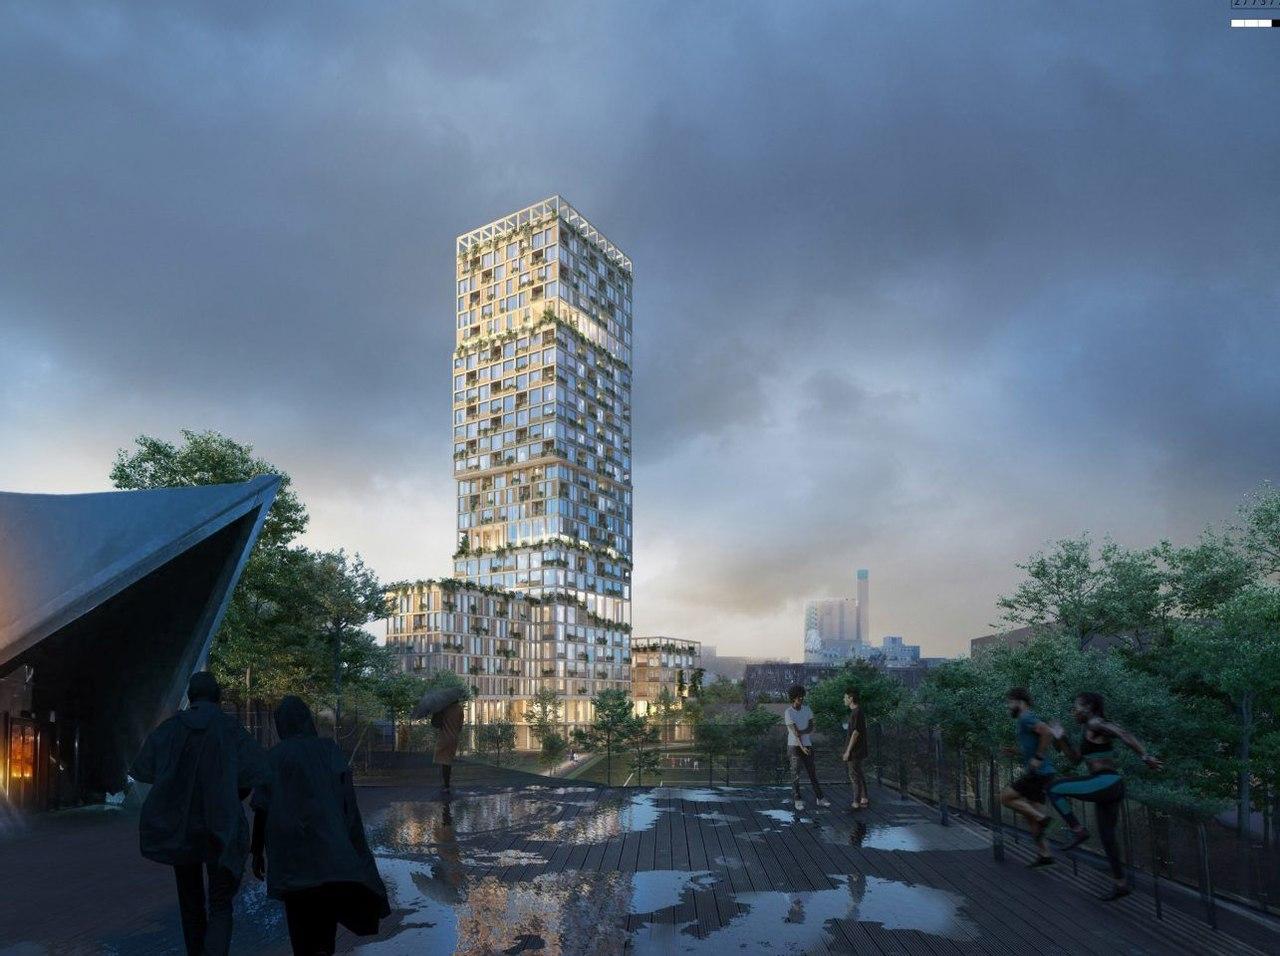 В Берлине построят, первый в Германии и самый высокий в мире, деревянный небоскреб WoHo высотой 98 м с садом на крыше